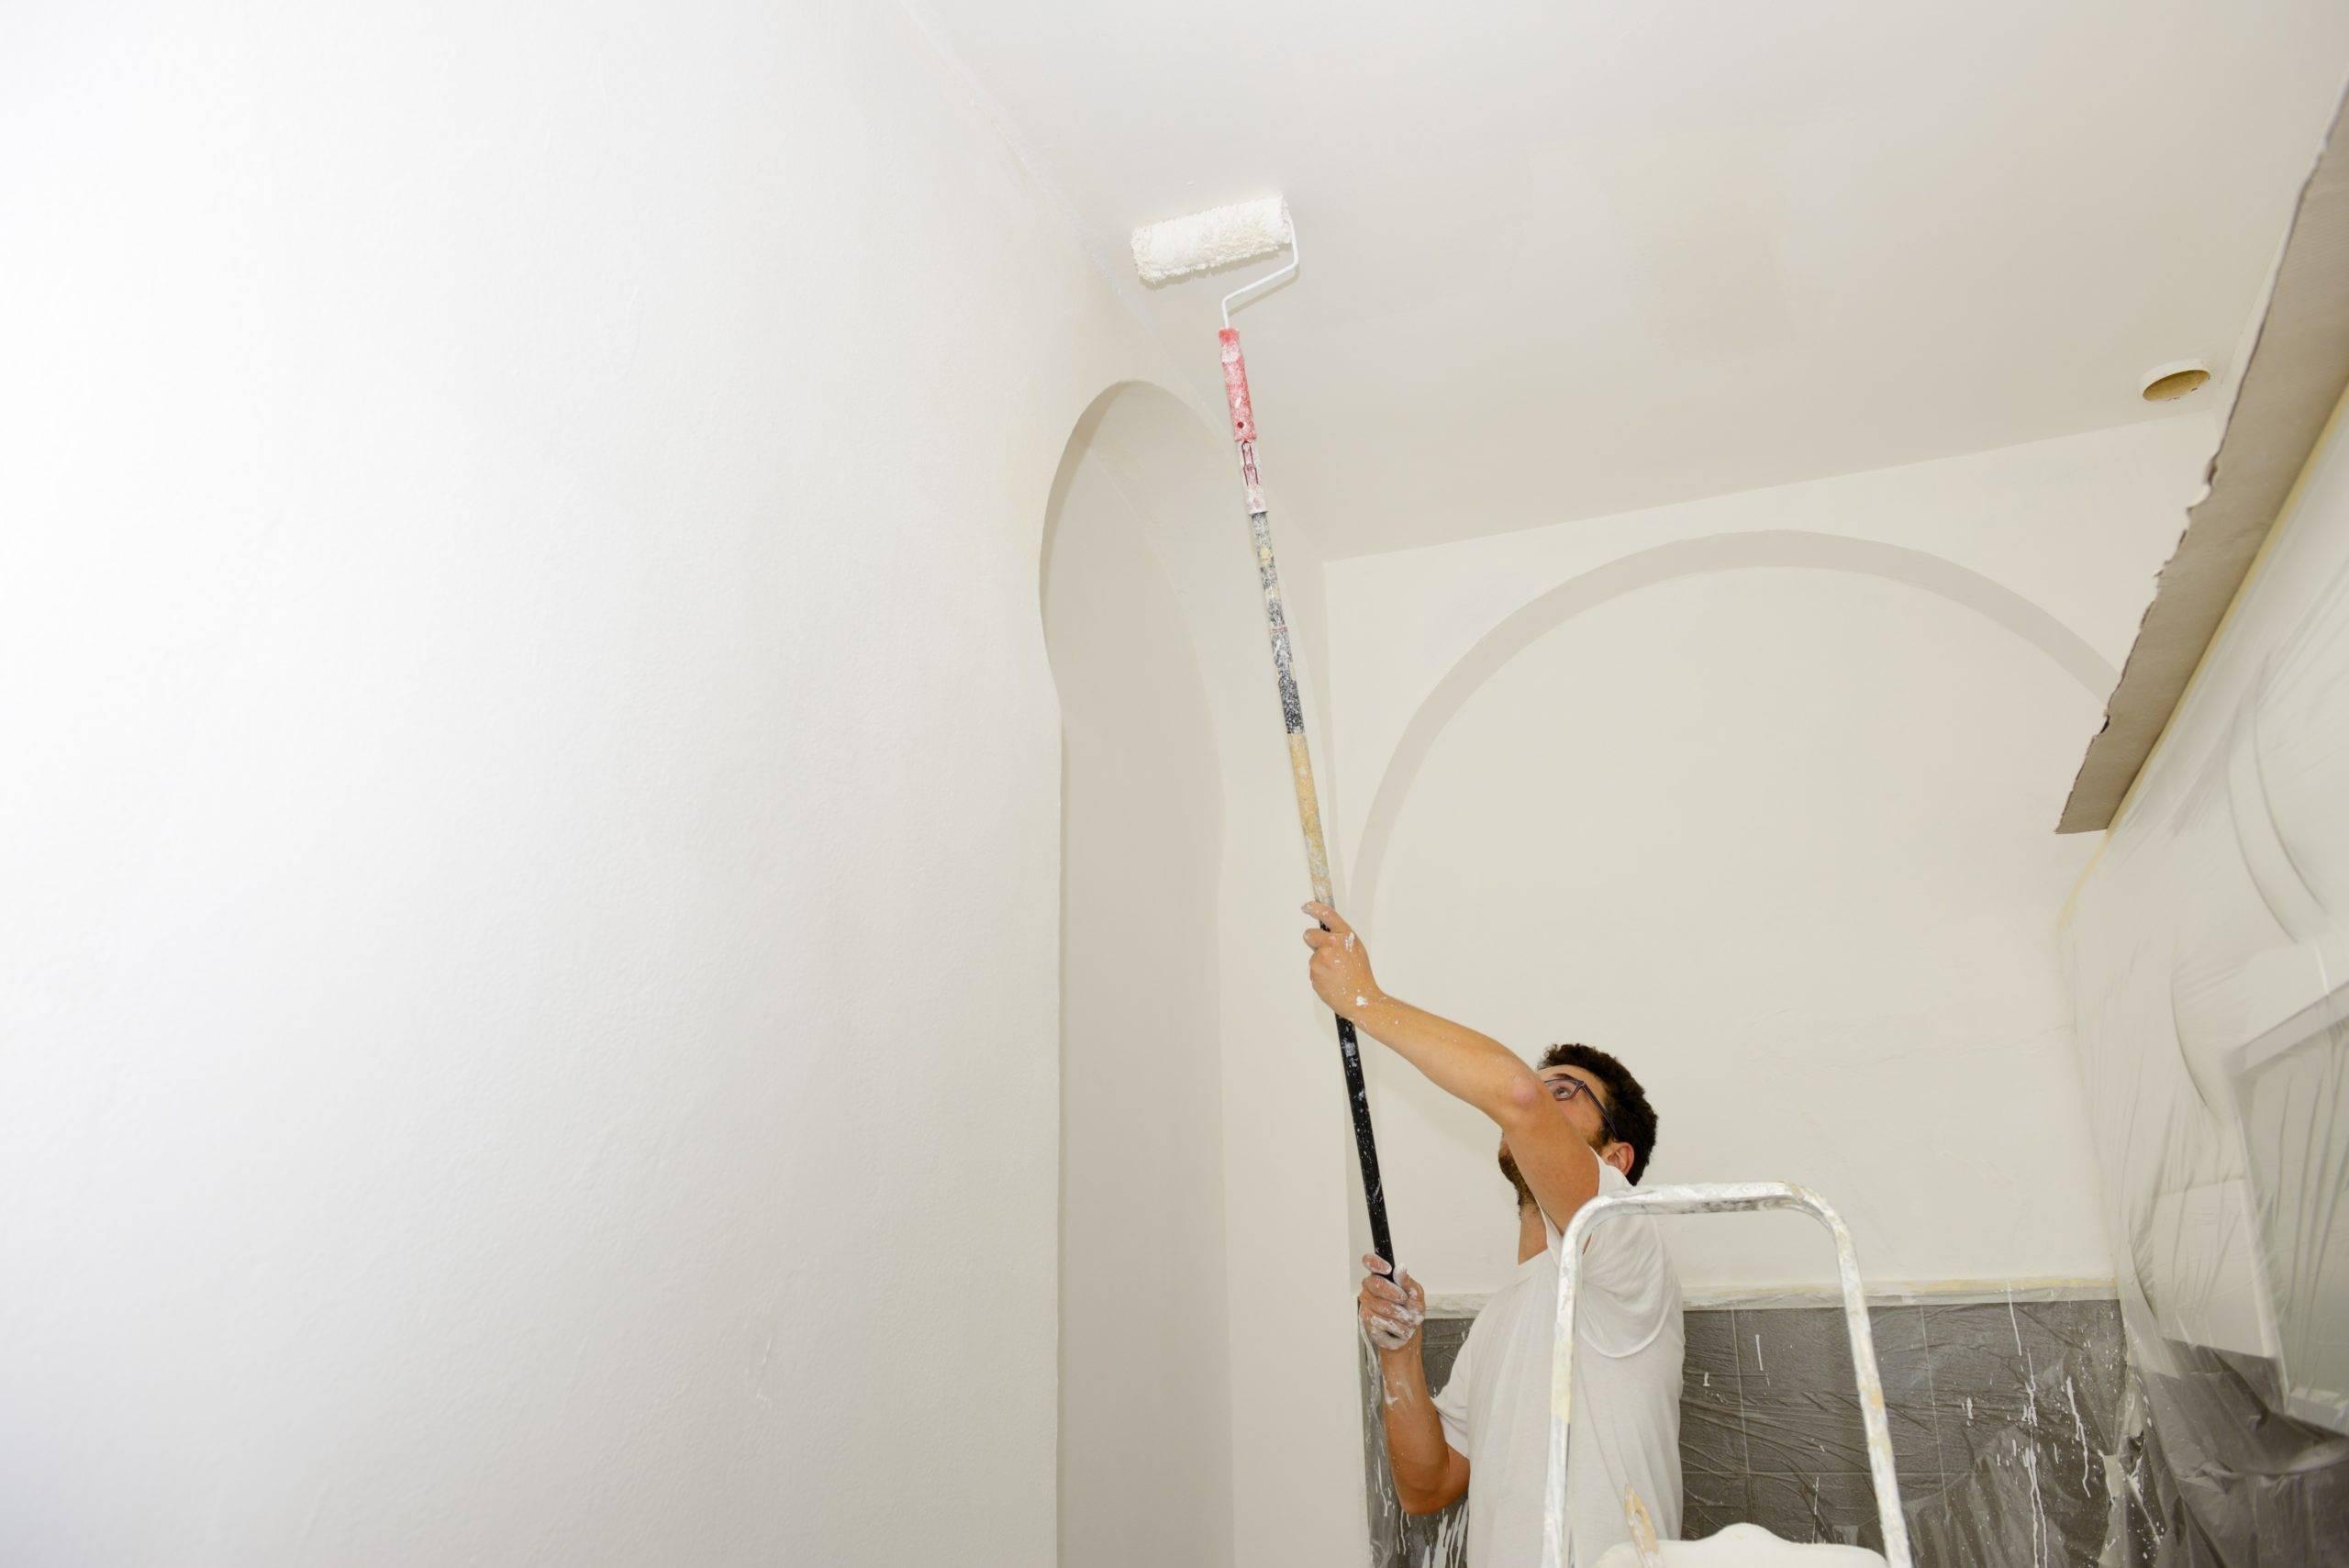 Стоимость покраски стен за м2, цена услуг частного мастера в москве и подмосковье